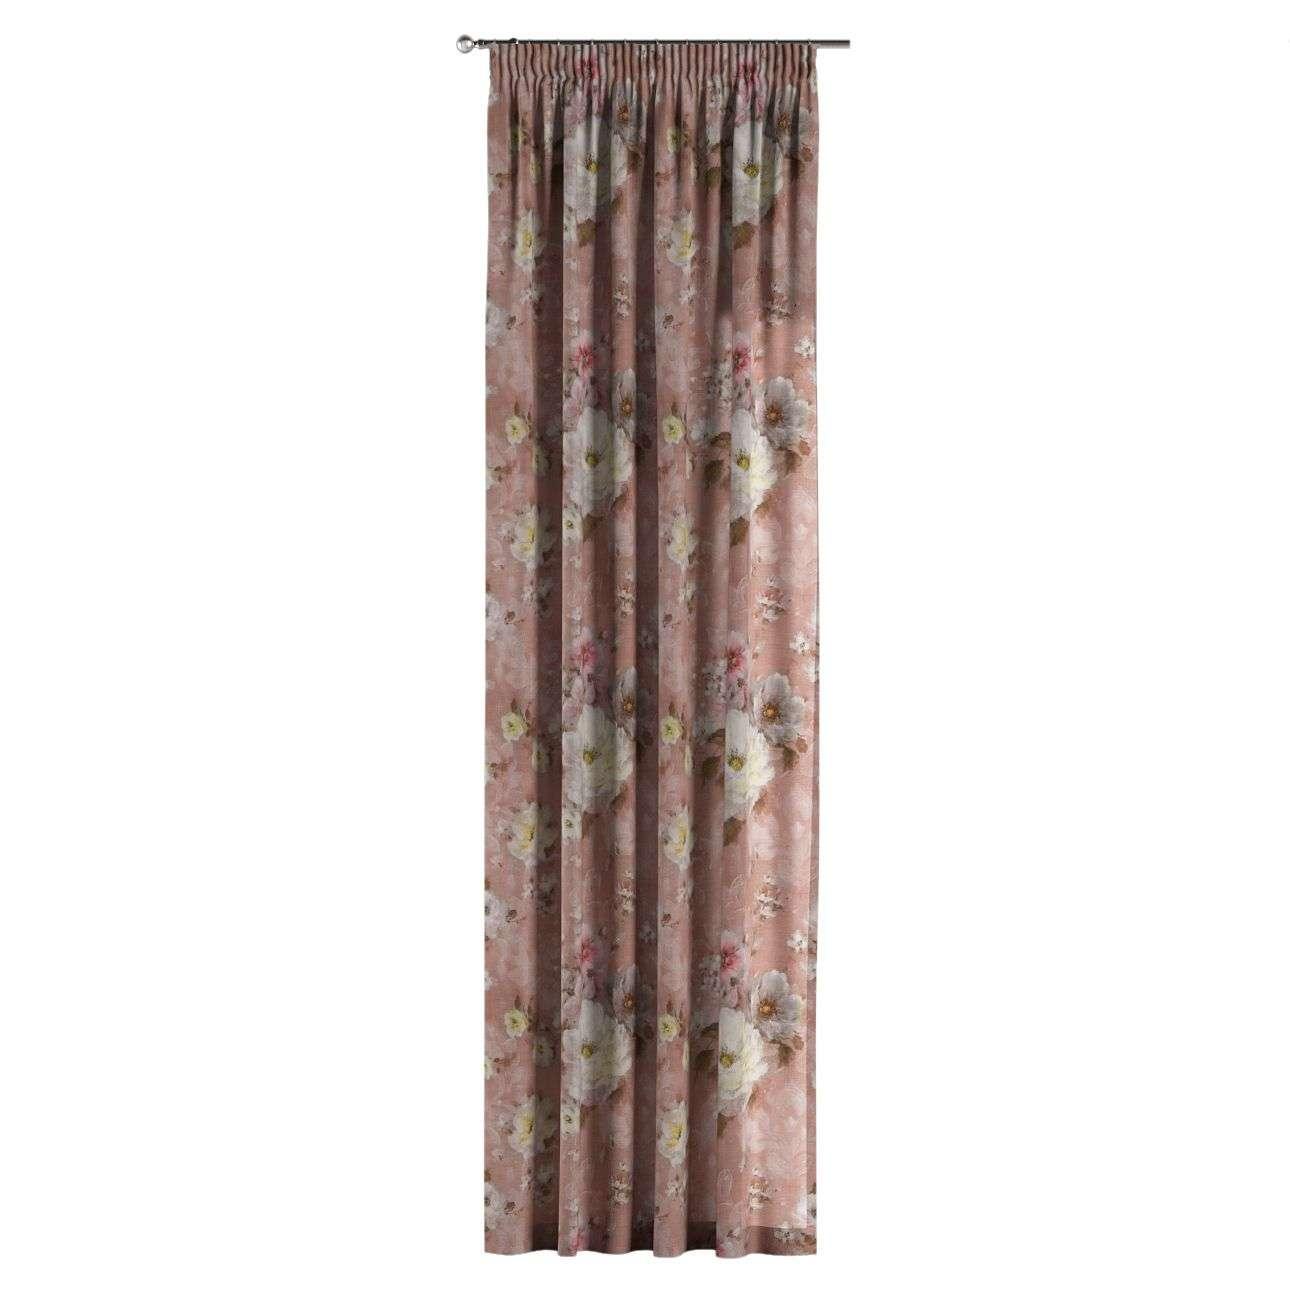 Gardin med rynkebånd 130 x 260 cm fra kollektionen Monet, Stof: 137-83